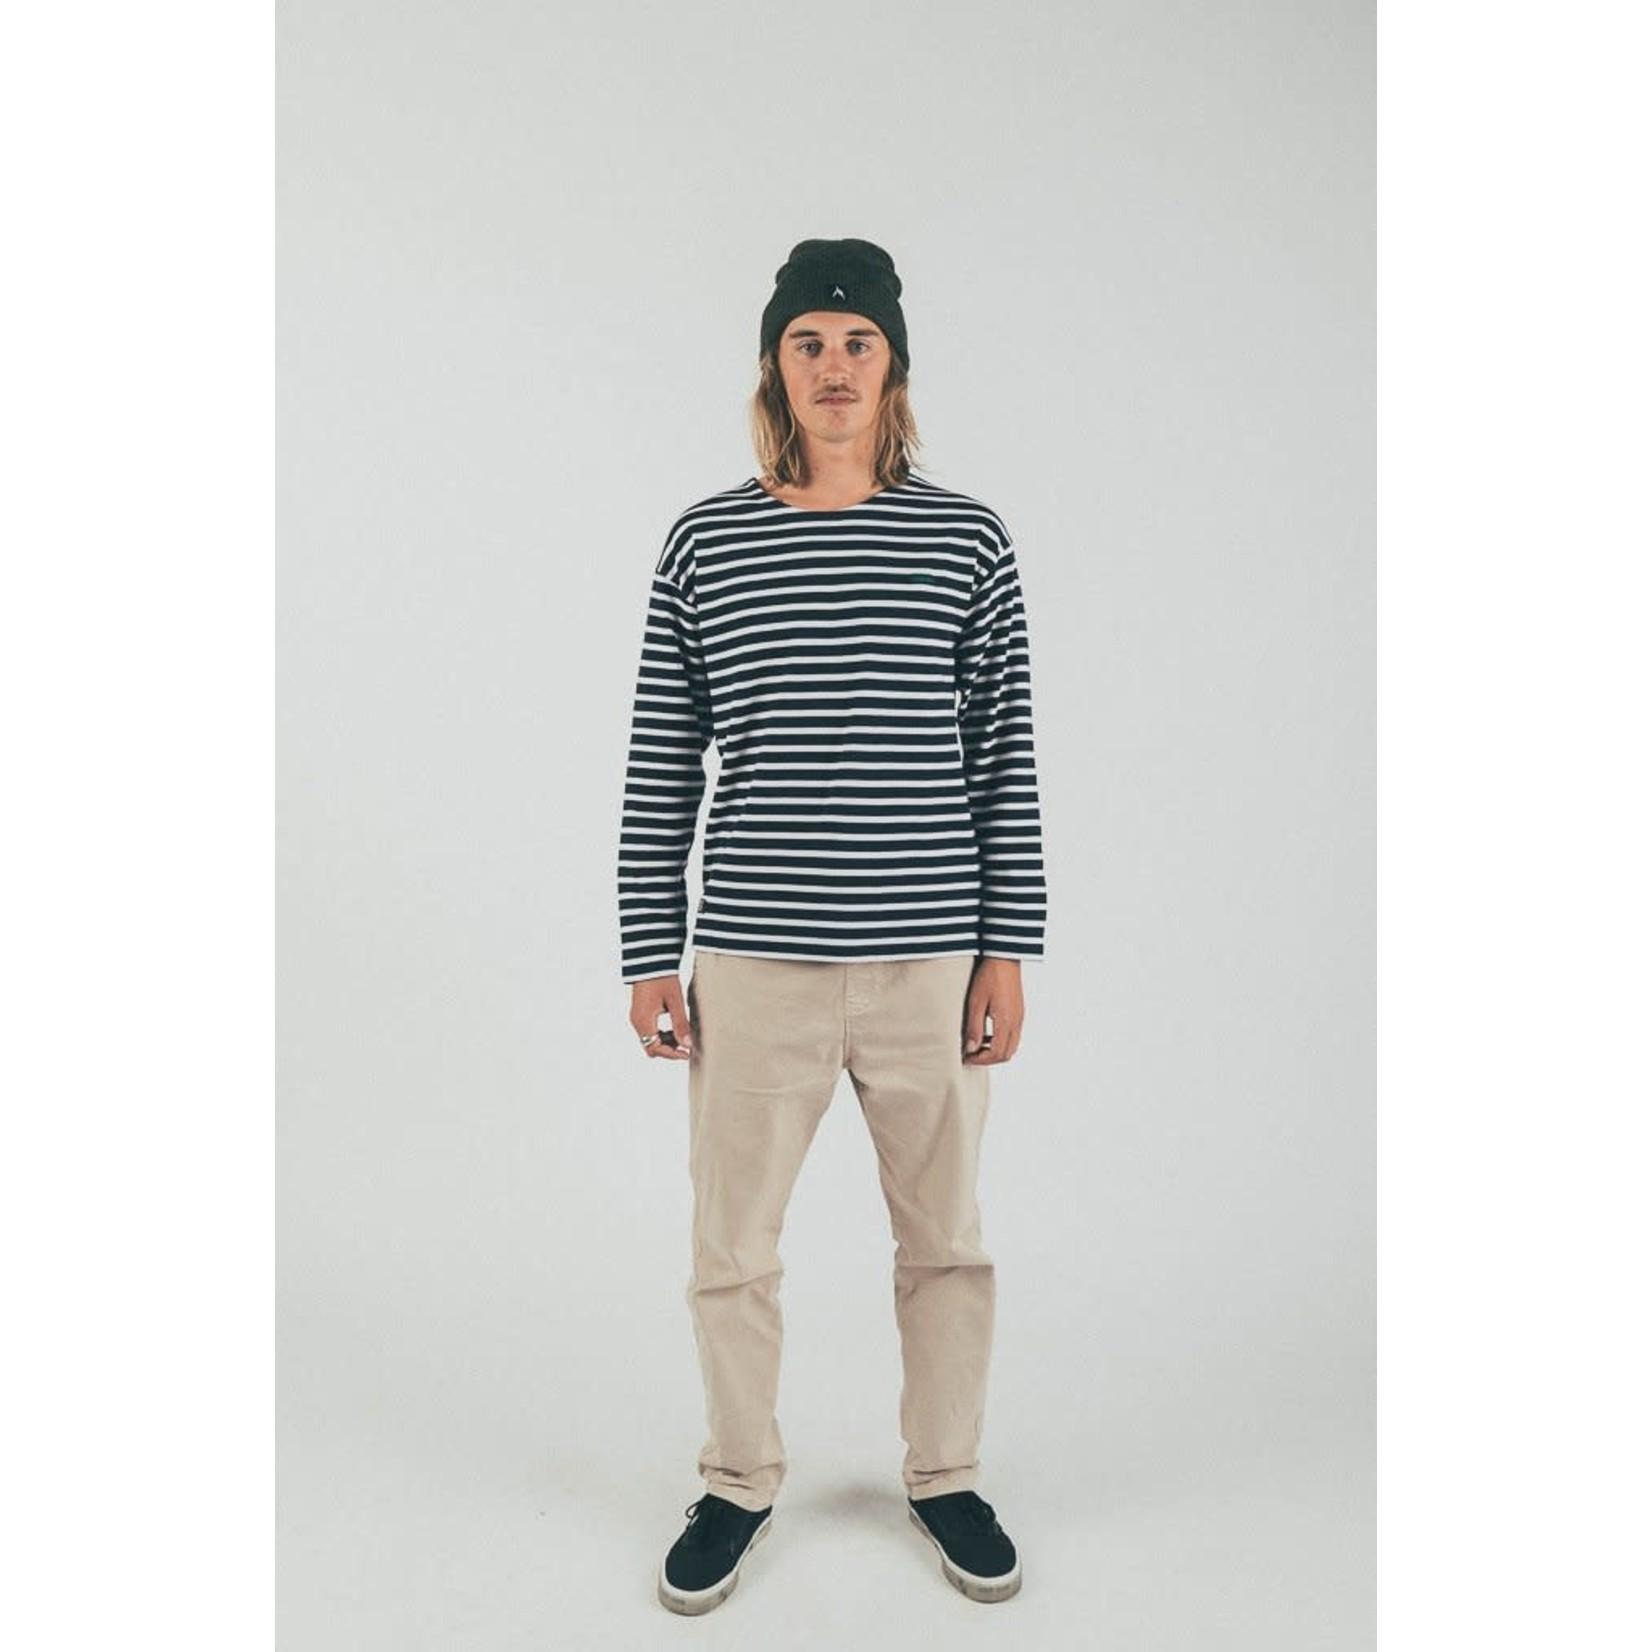 INMIND Tee long sleeves sailor(es)